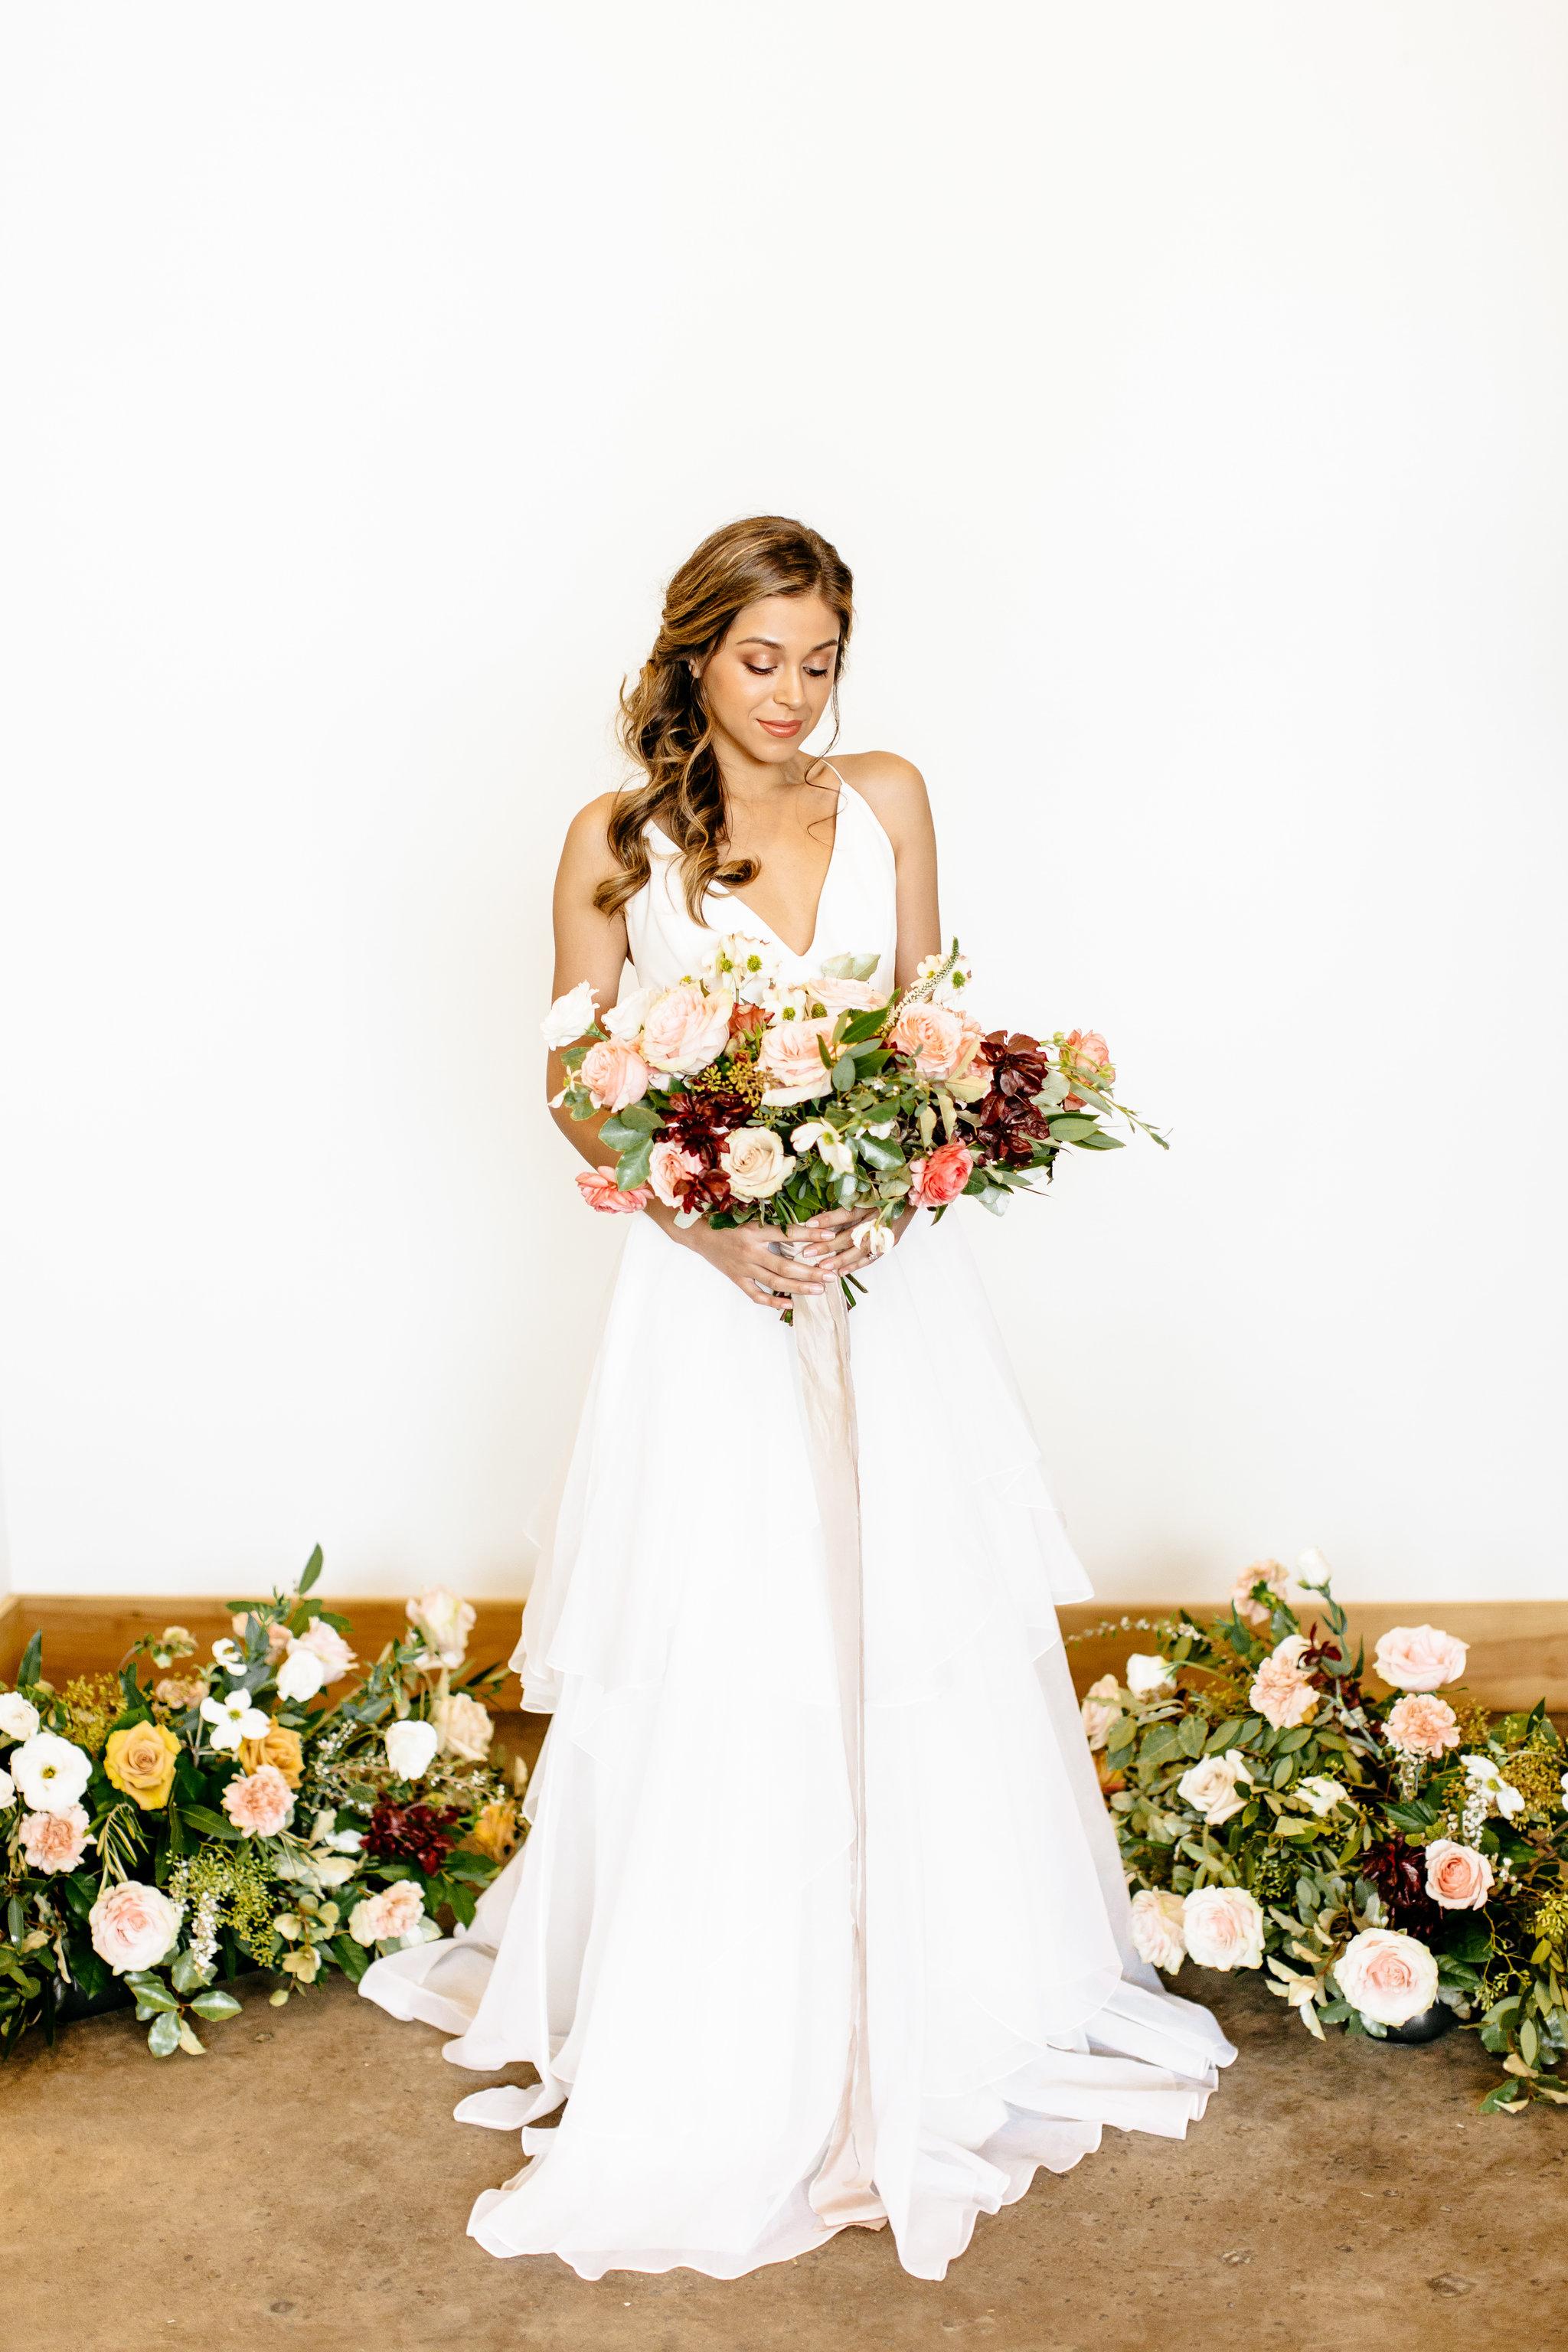 Alexa-Vossler-Photo_Dallas-Wedding-Photographer_Photoshoot-at-the-Station-McKinney_Empower-Event-50.jpg